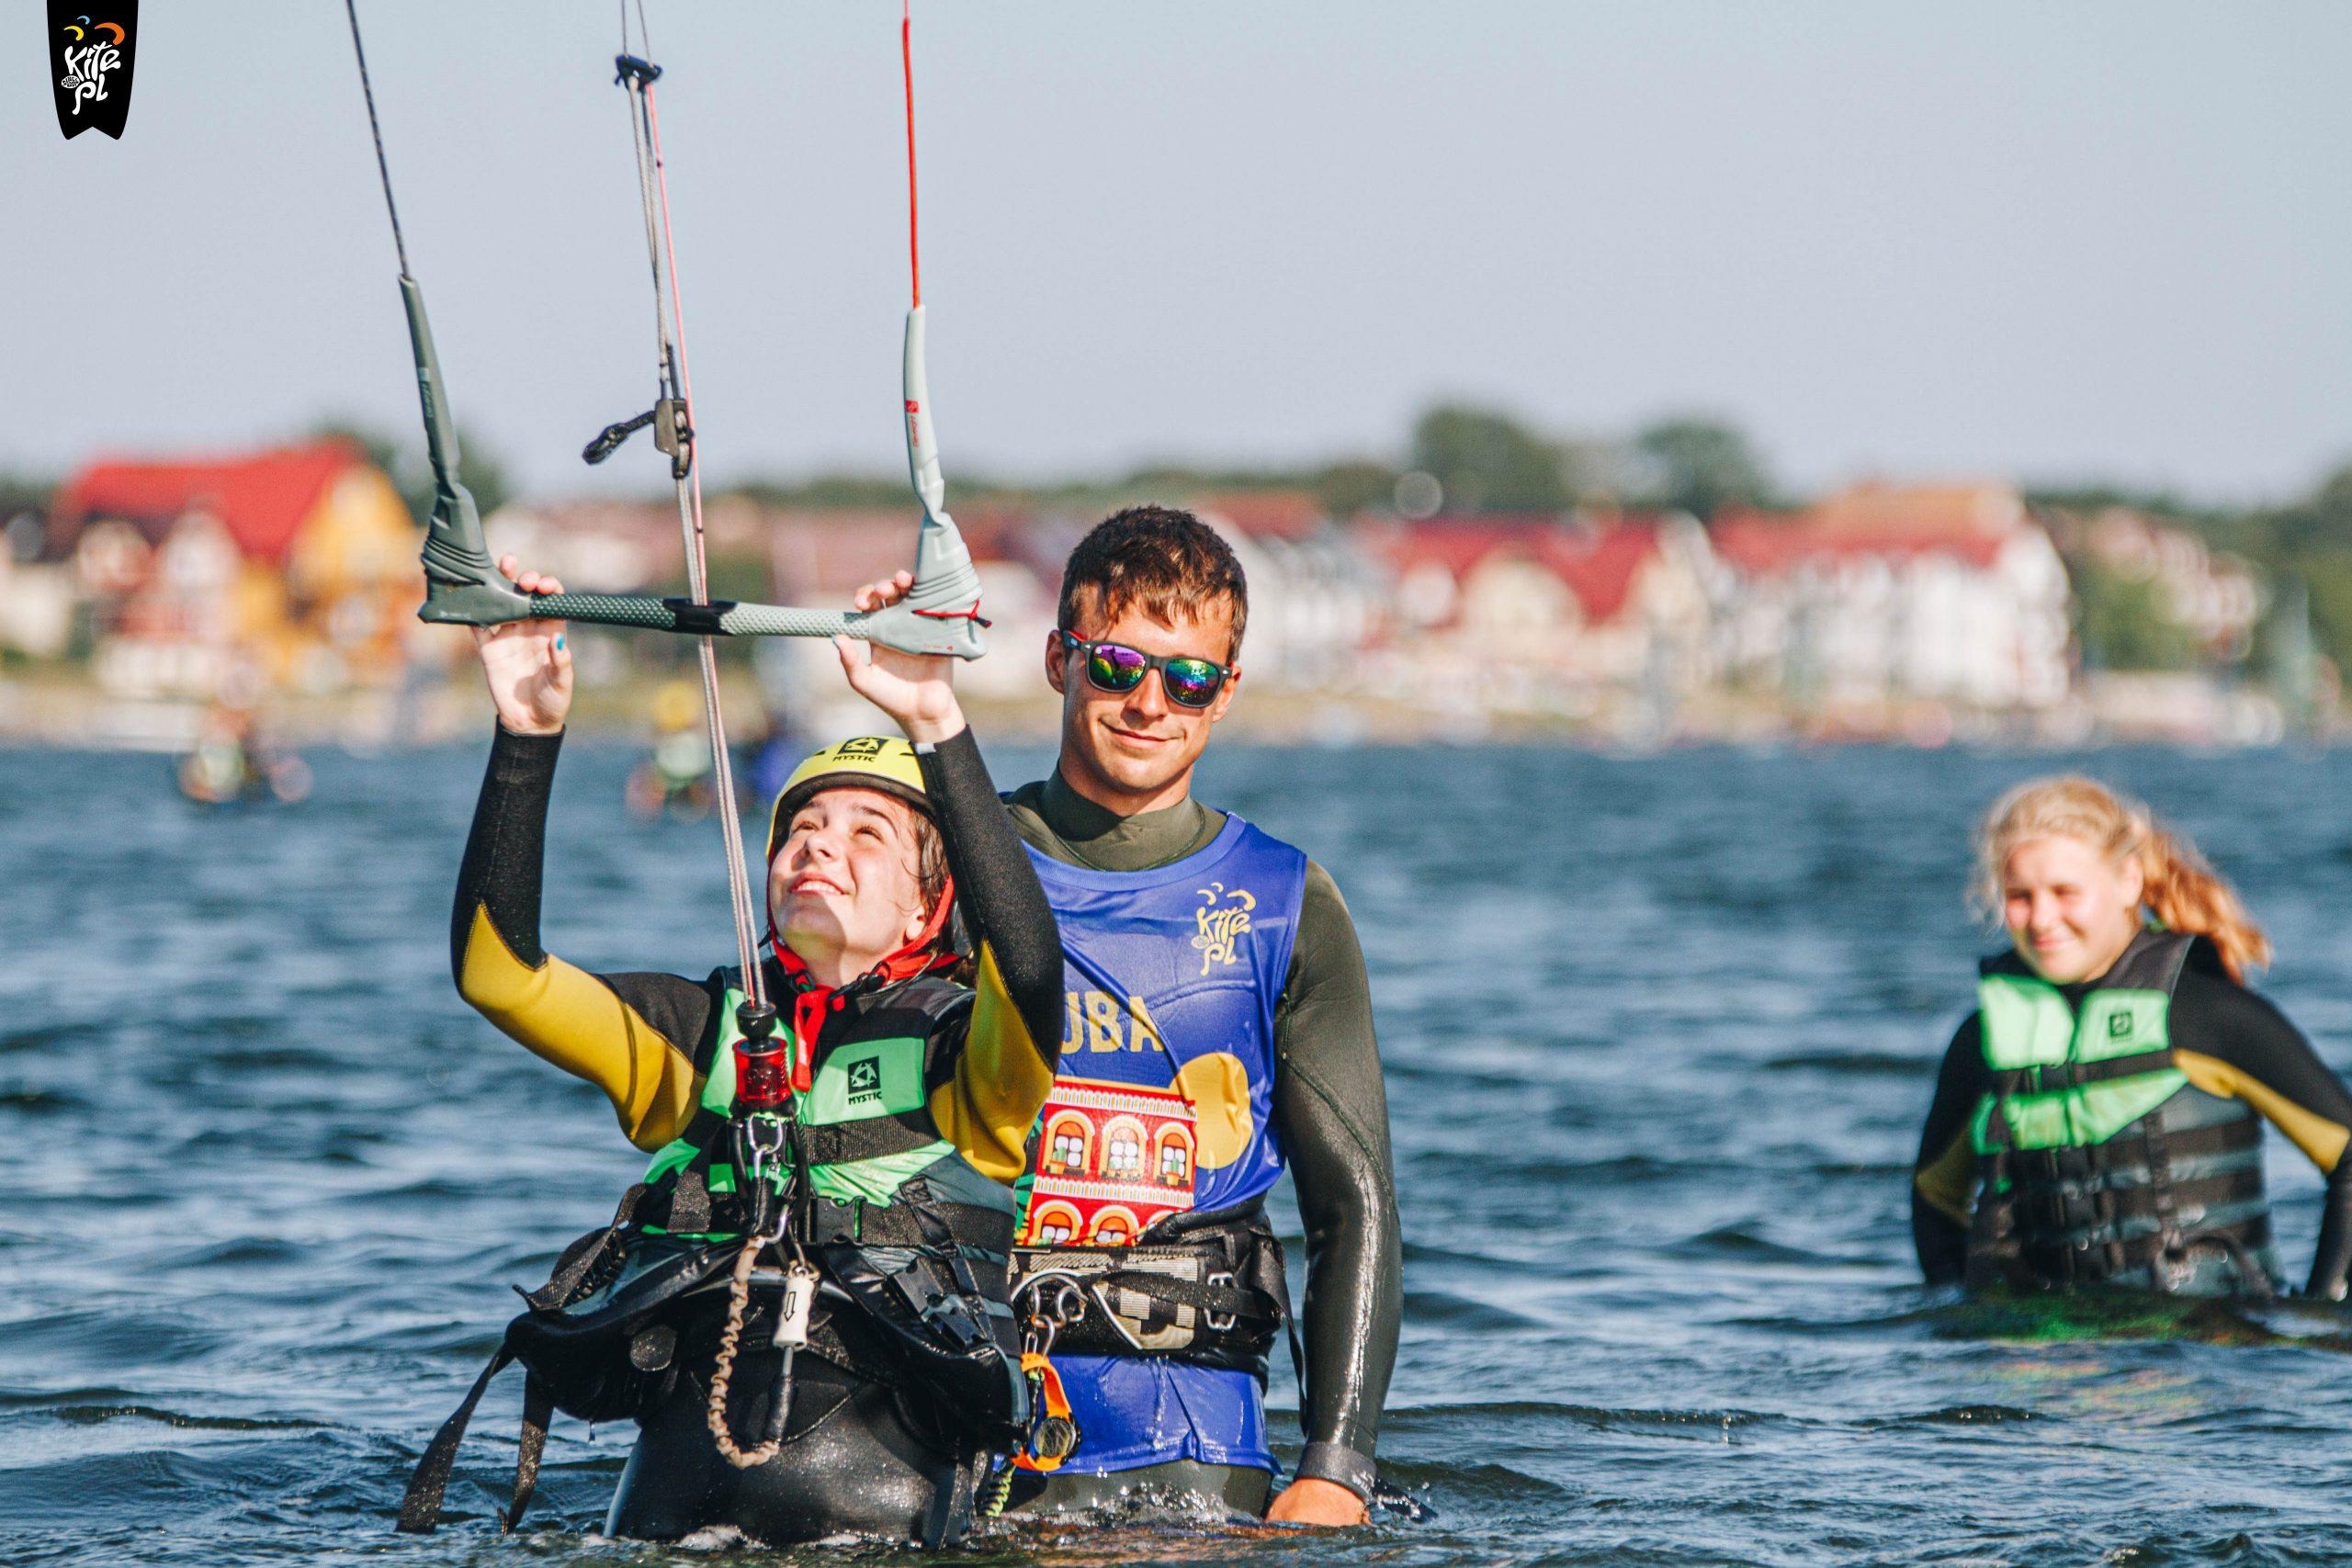 Nauka kitesurfingu w Chałupach